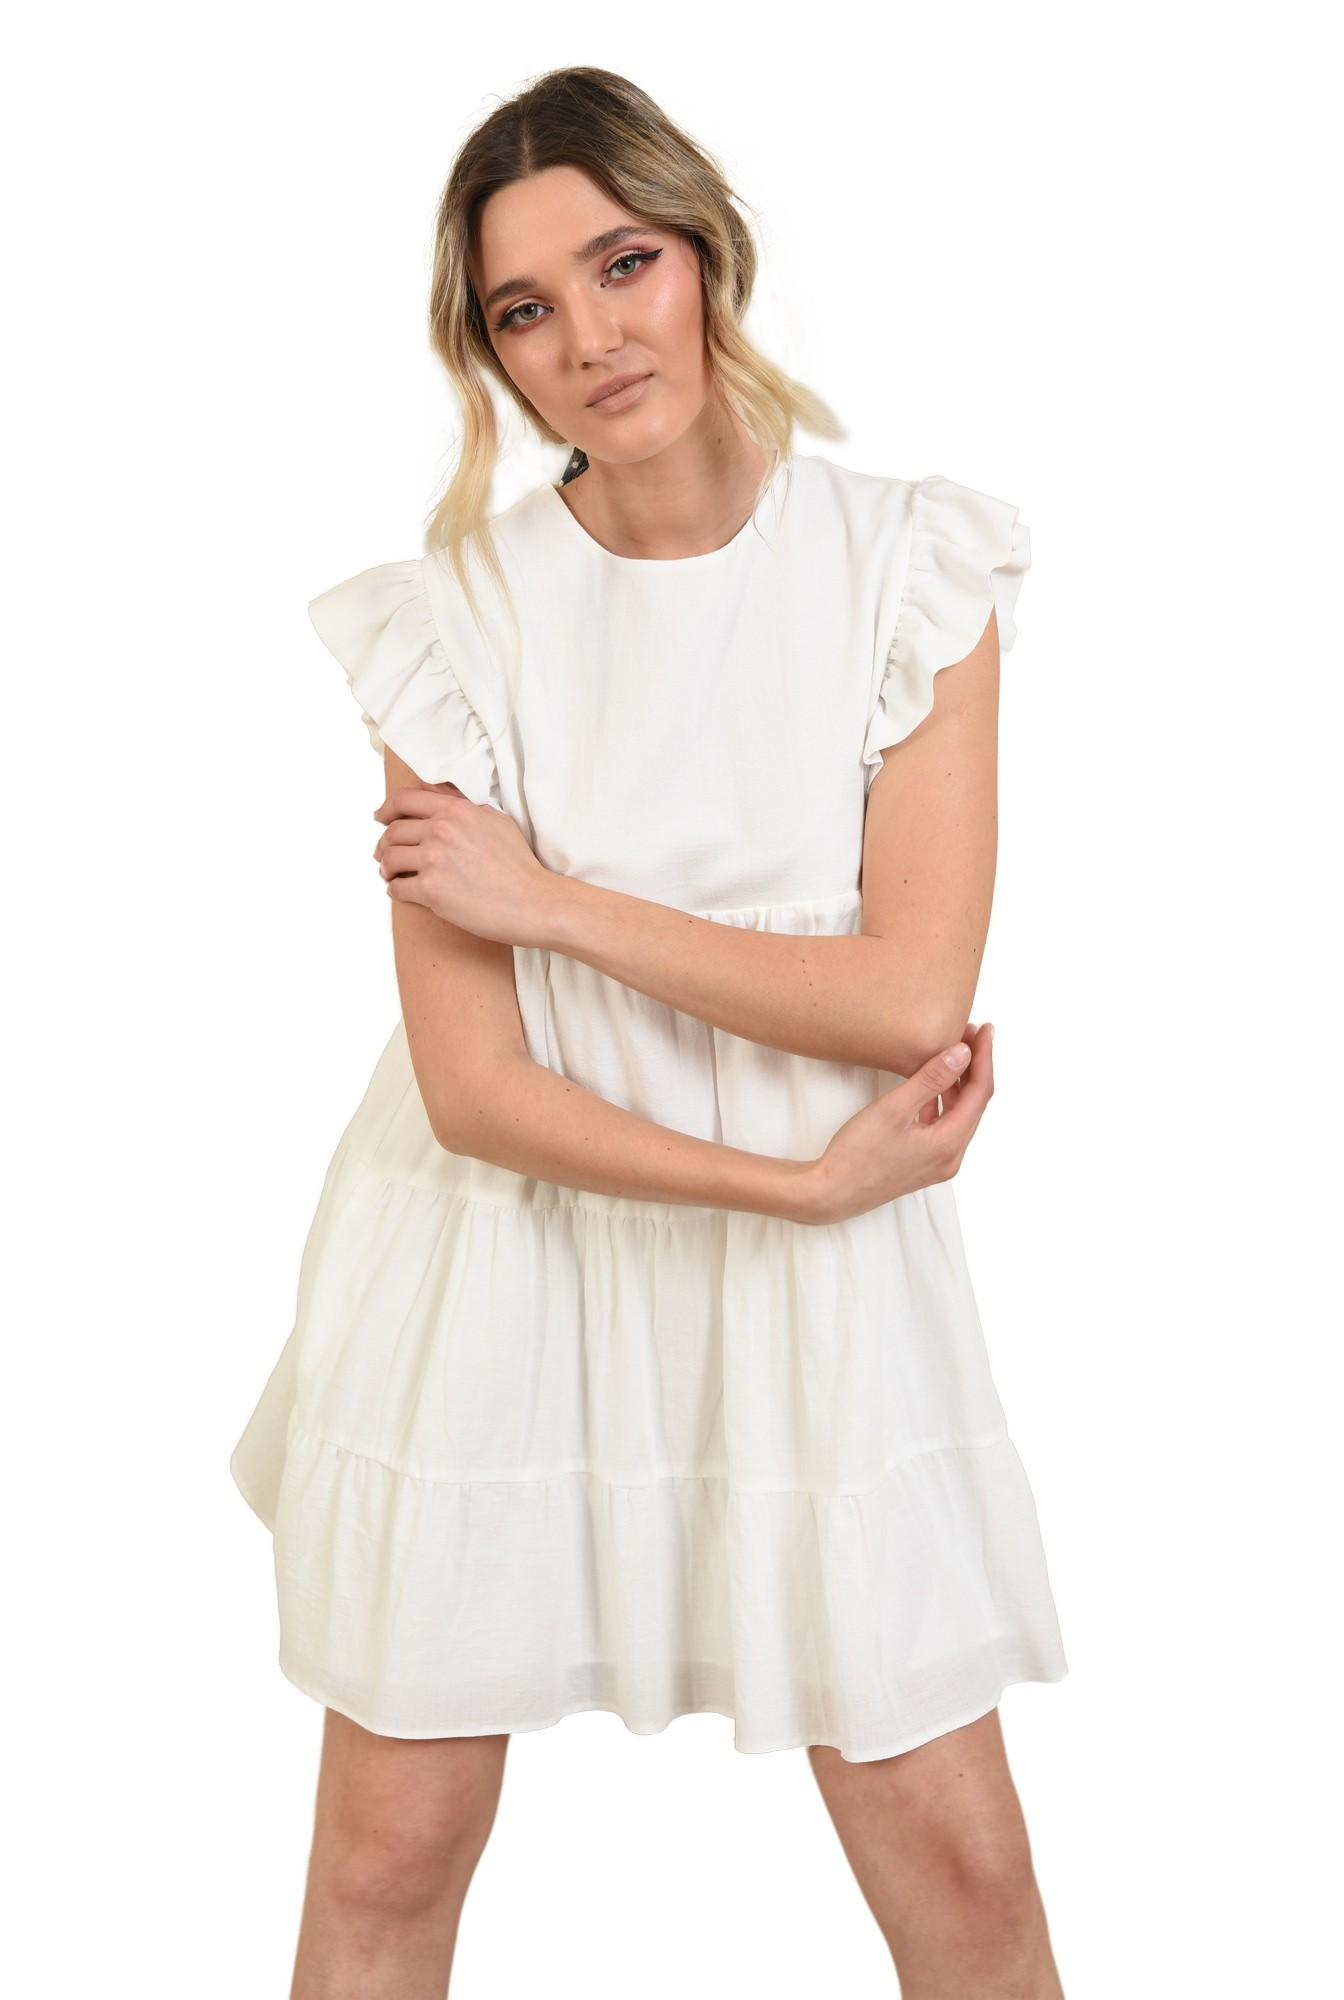 0 -  rochie babydoll, cu maneci volan, evazata, scurta, rochie de vara